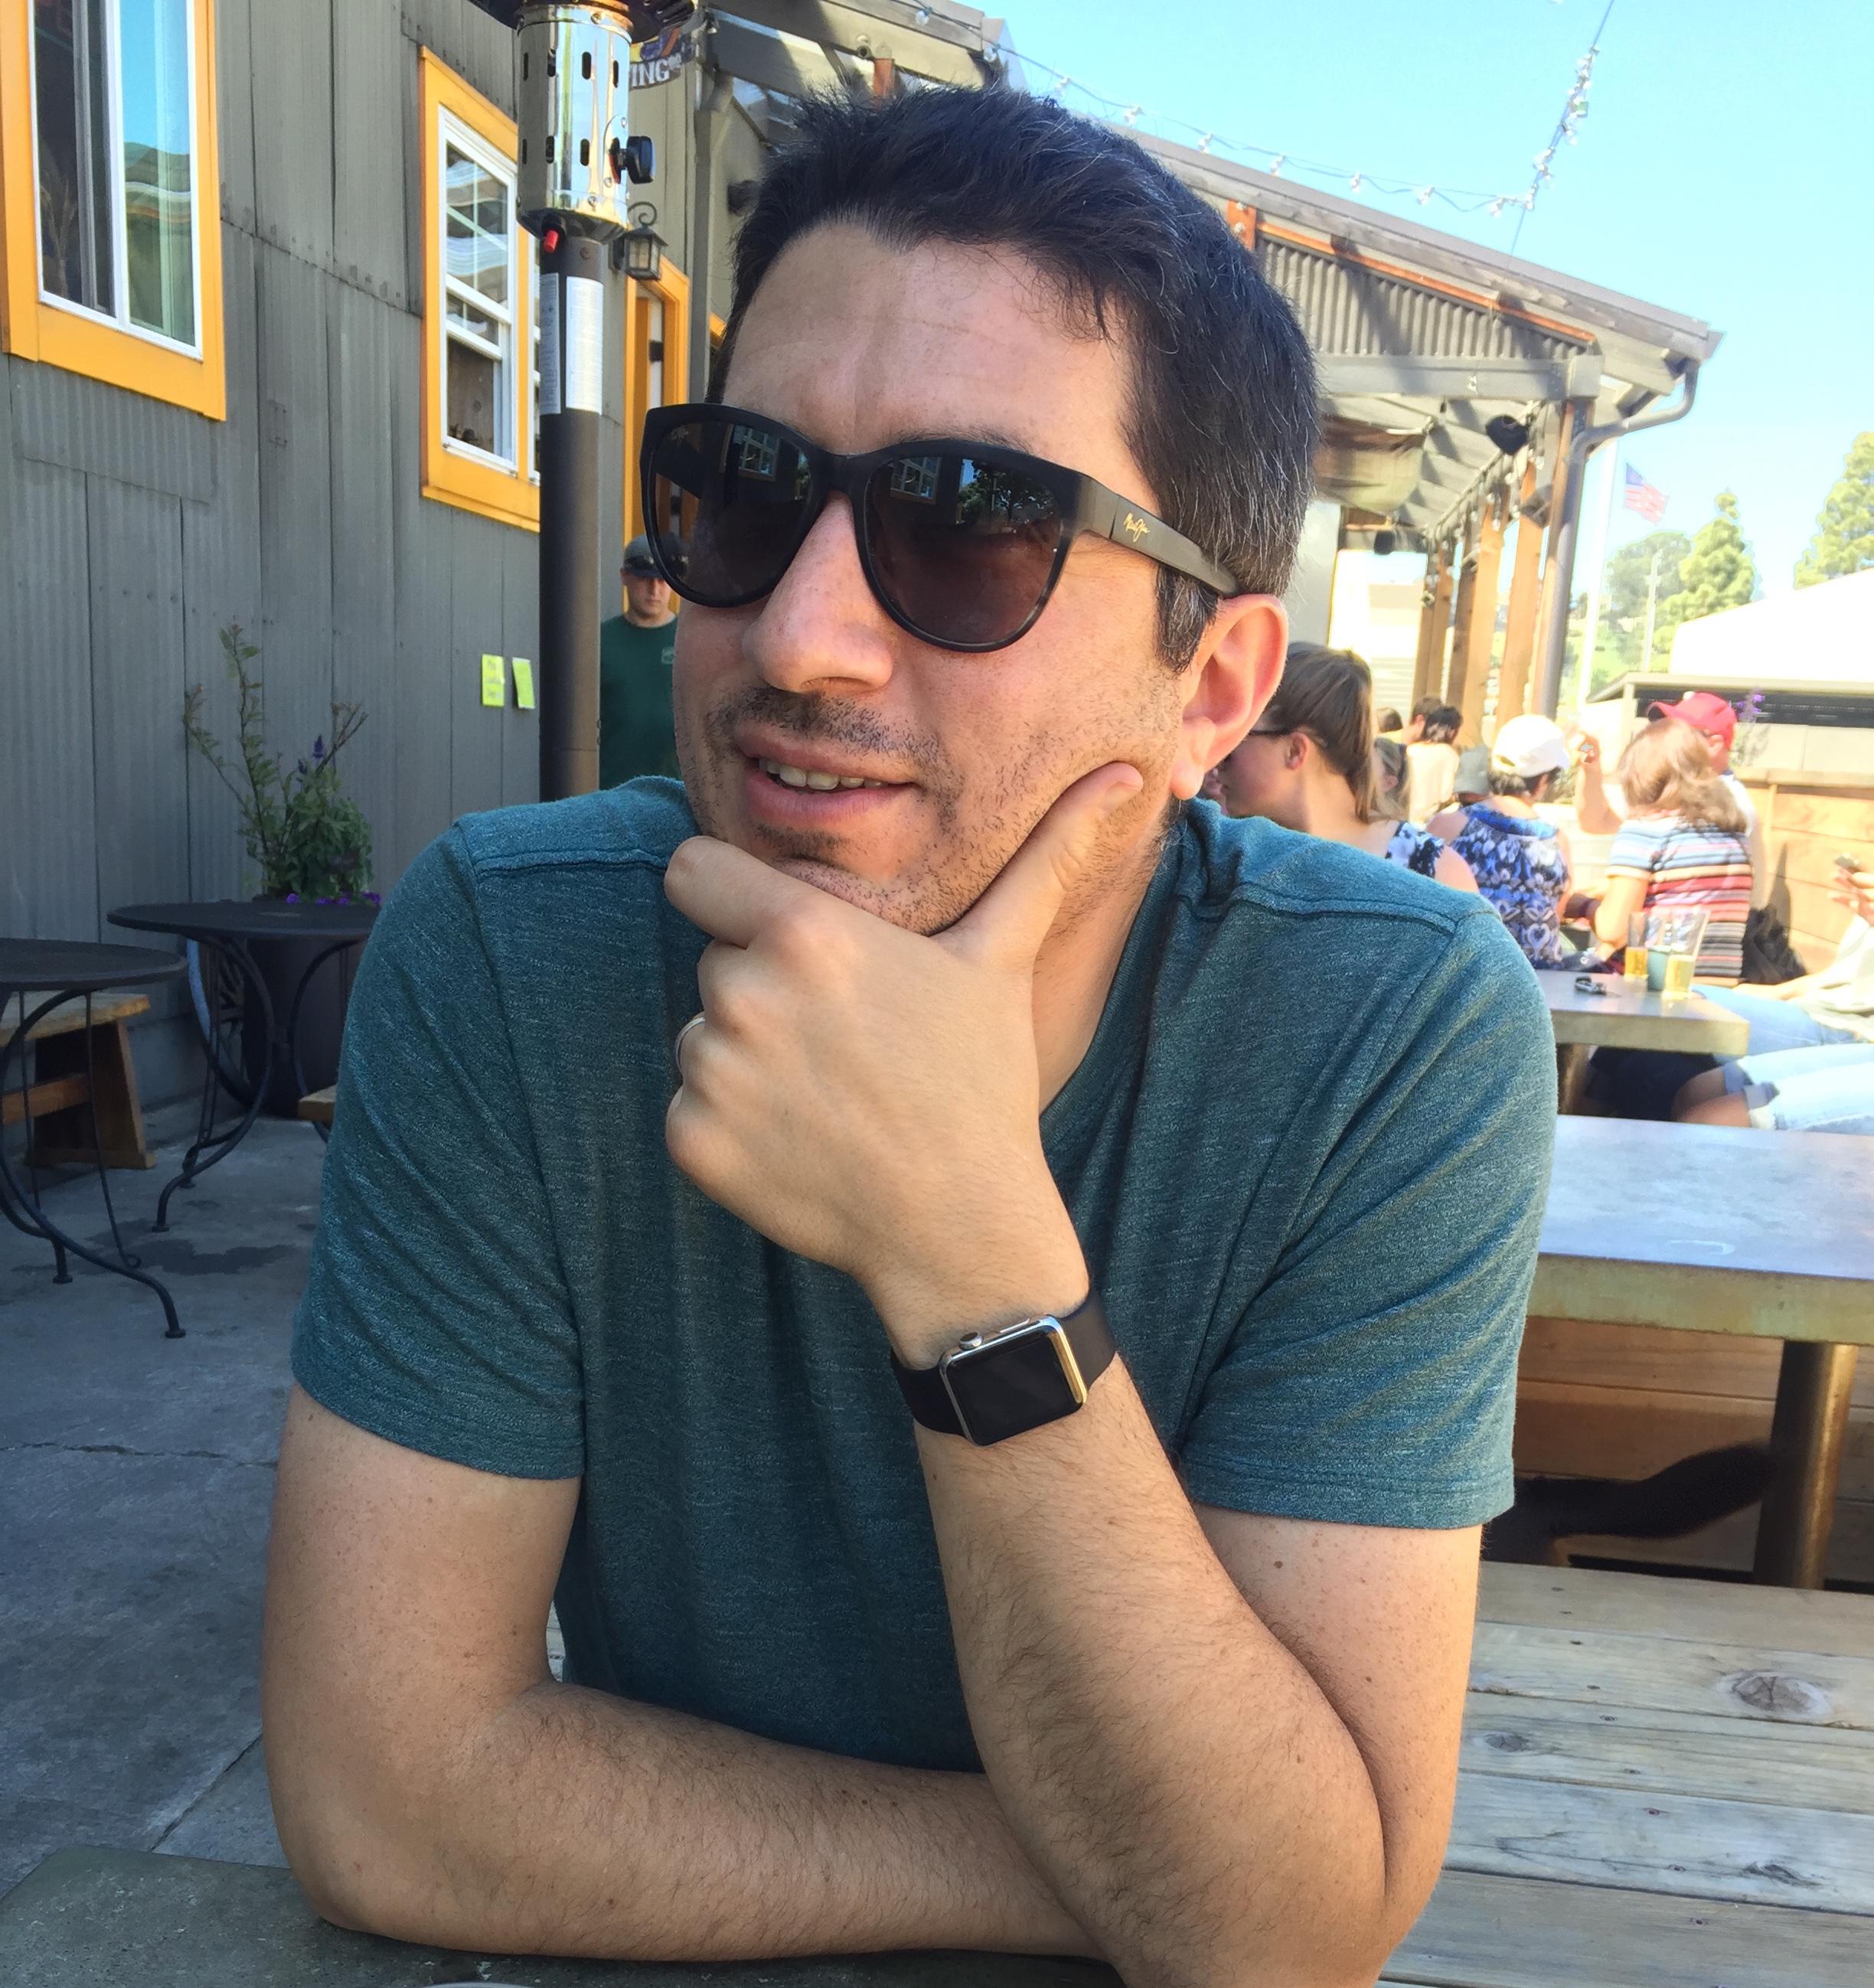 Me in Santa Cruz, California